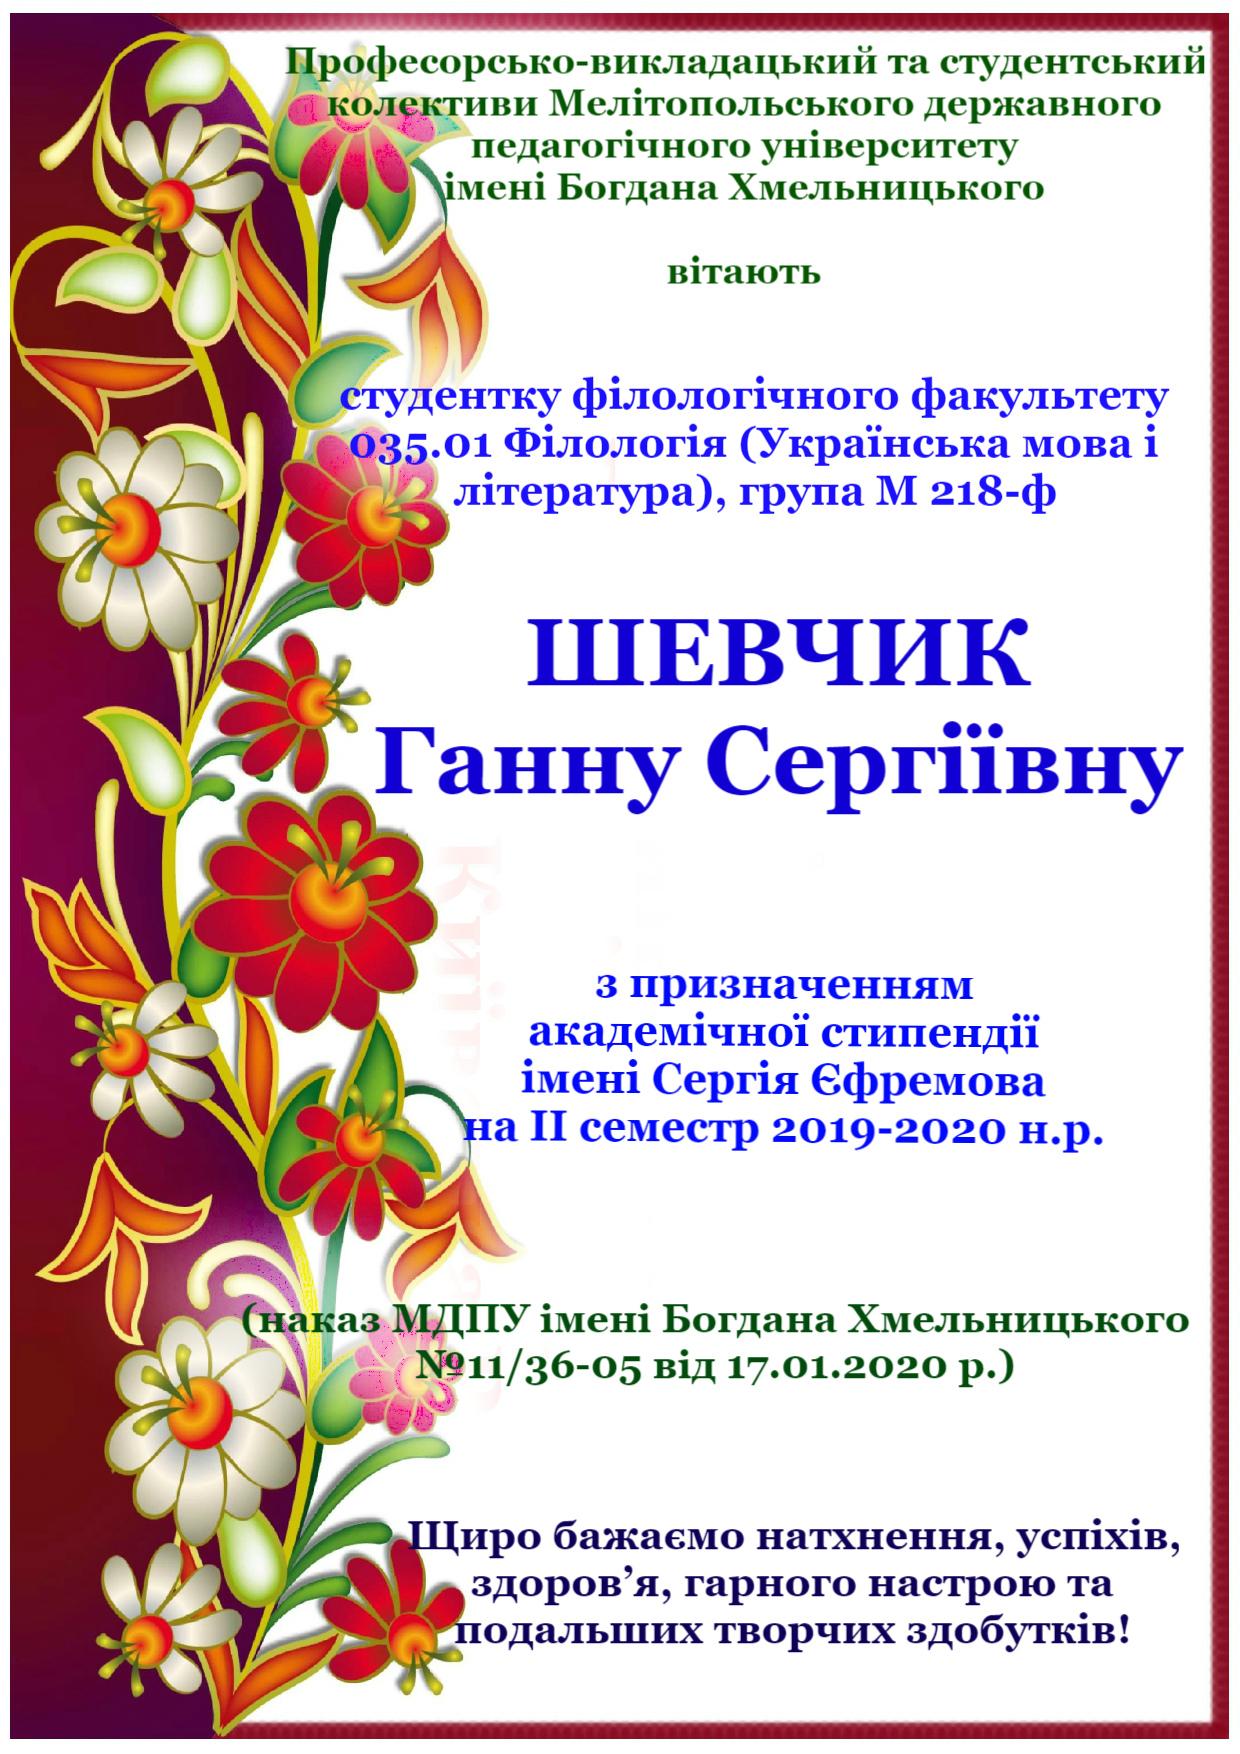 Вітаємо з призначенням академічної стипендії імені Сергія Єфремова